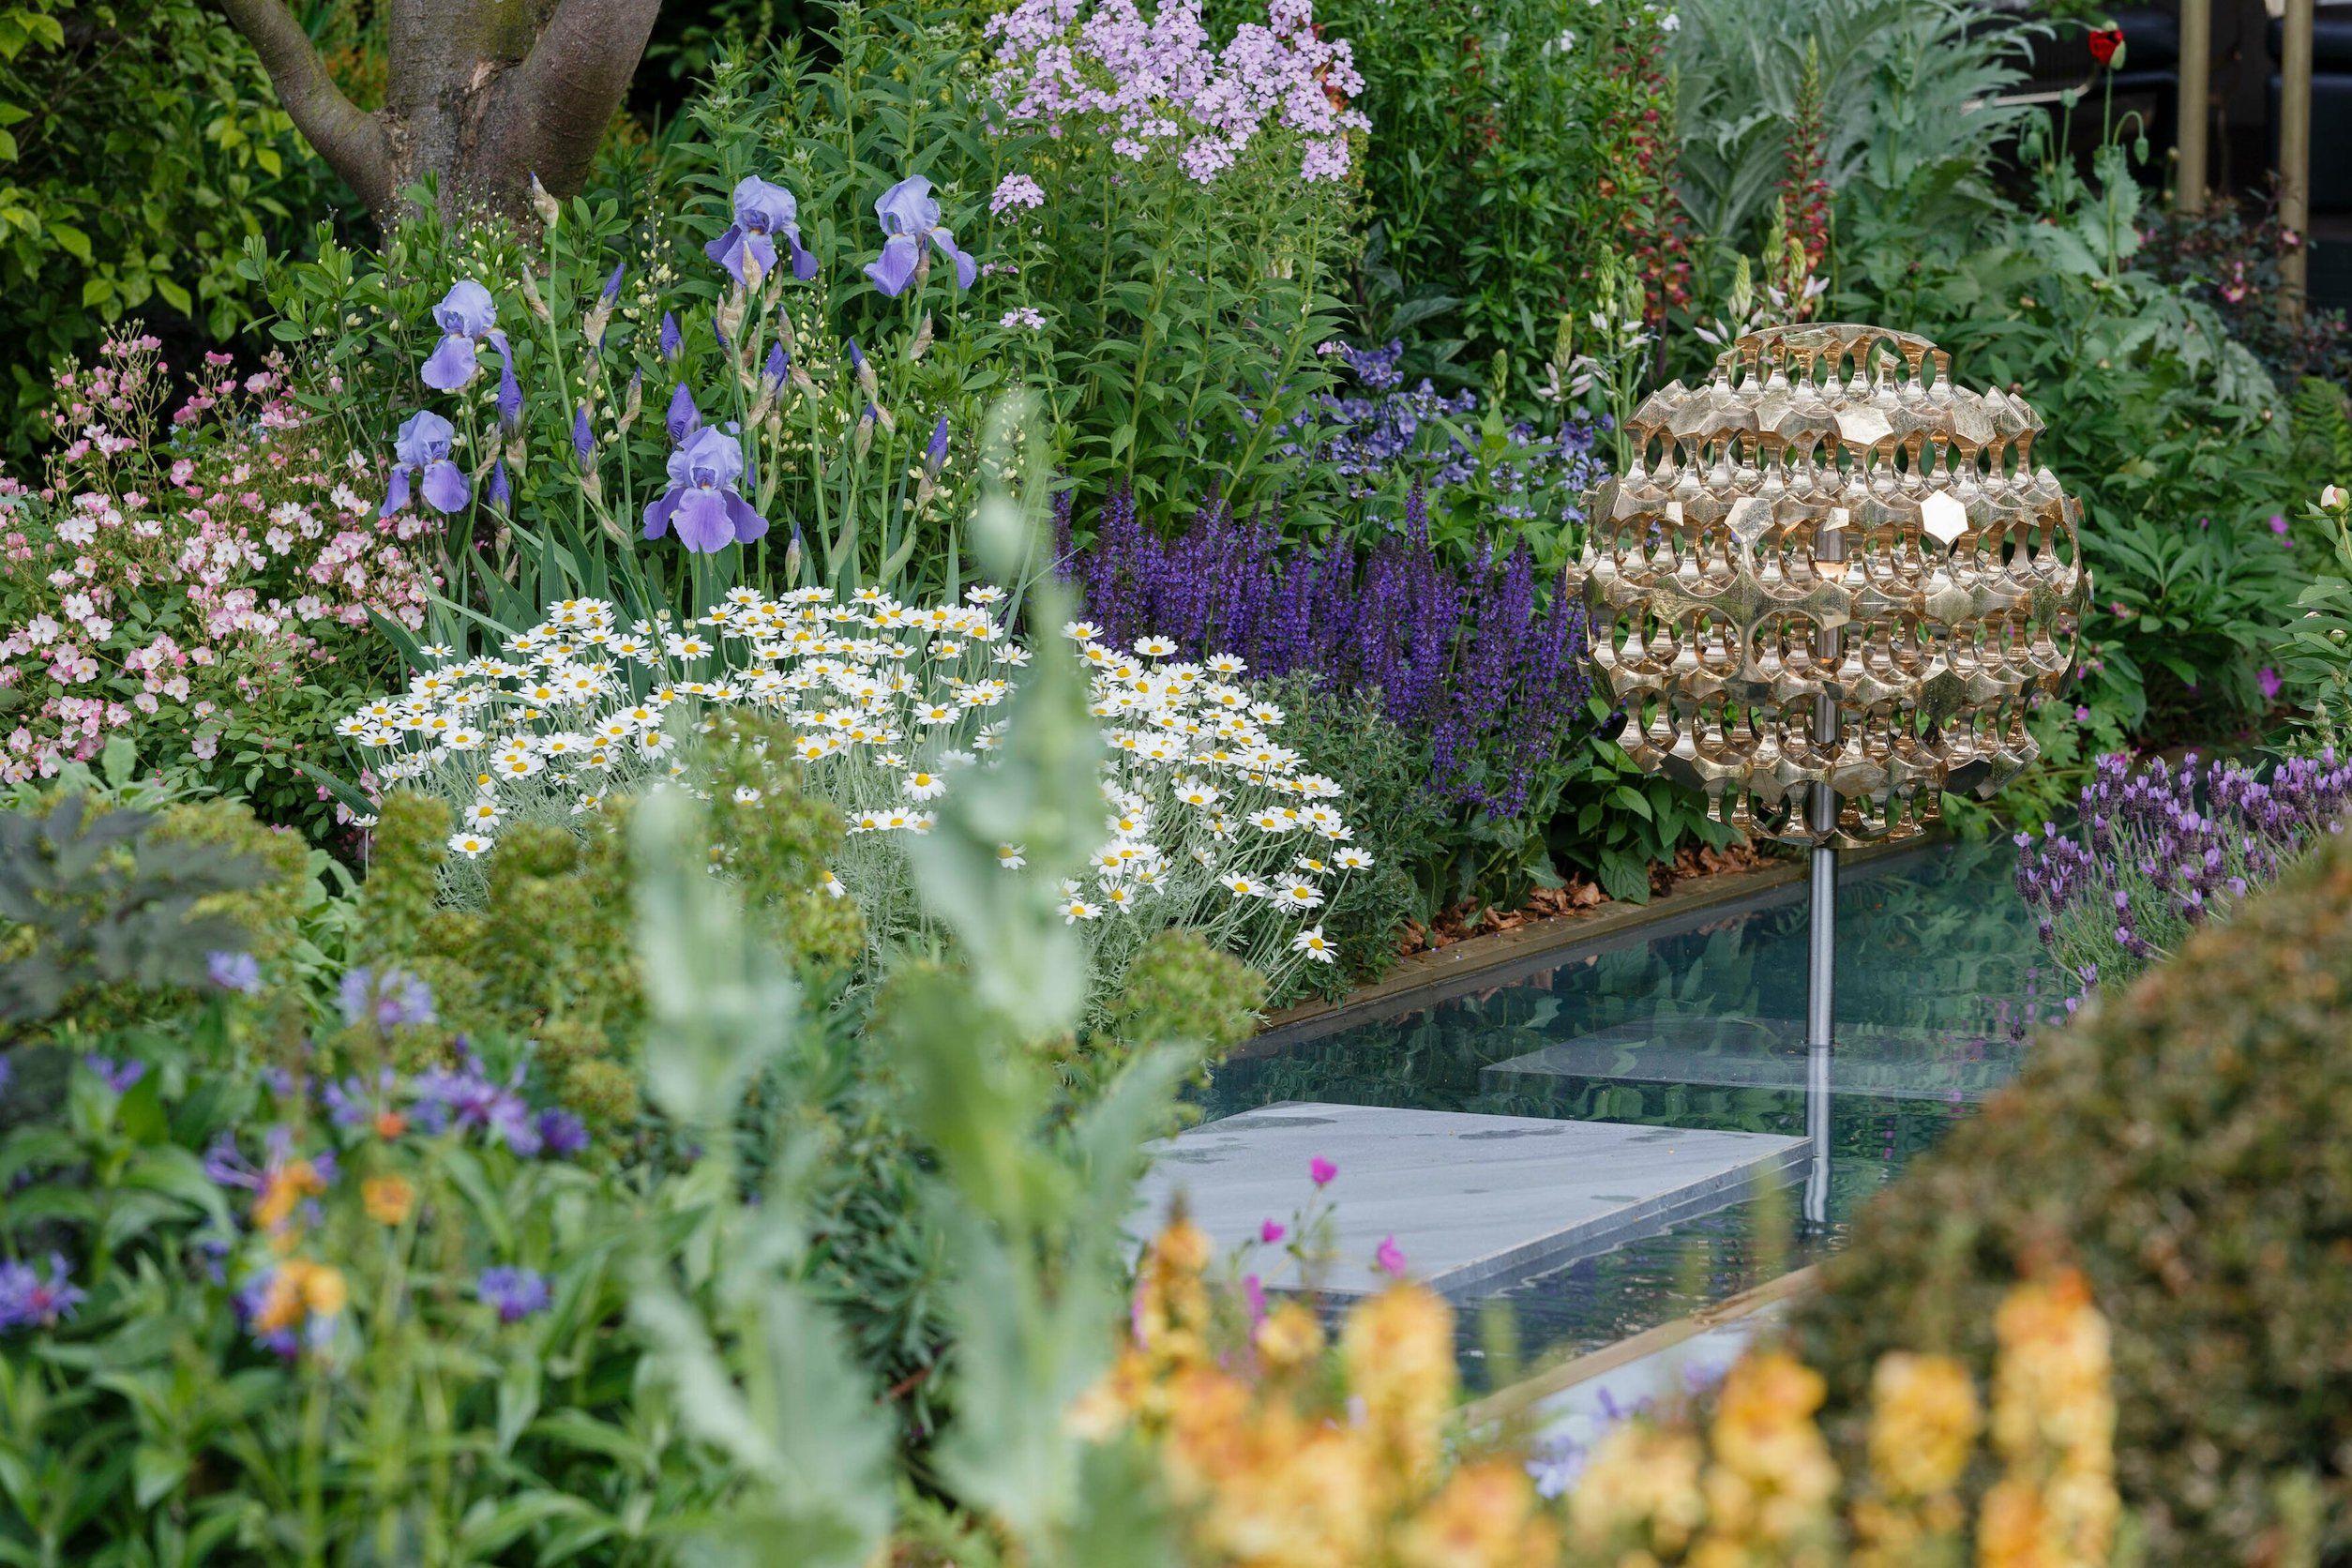 Chelsea flower show awards